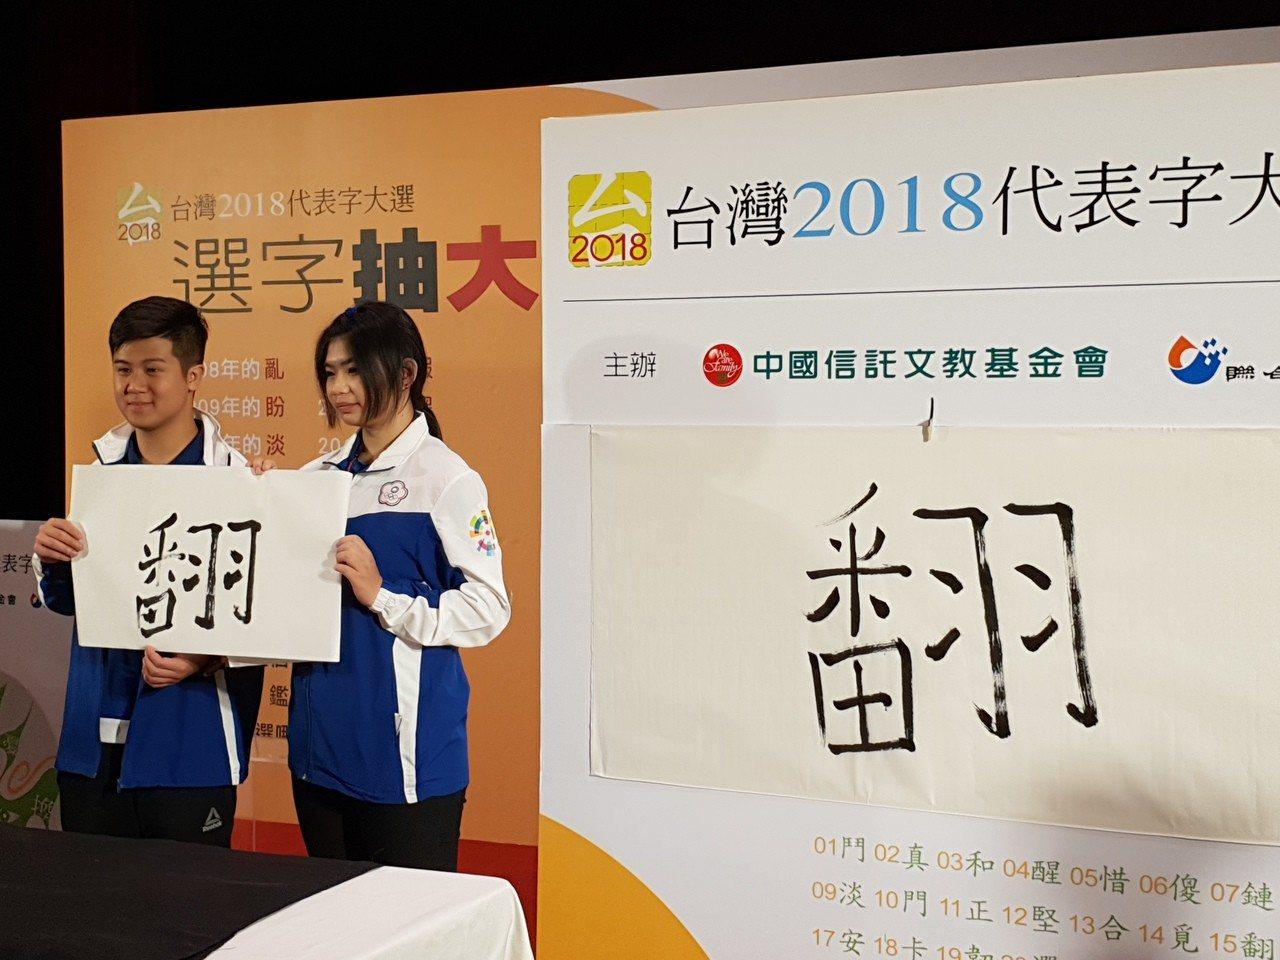 台灣2018代表字大選今天揭曉,由「翻」字坐上年度代表字寶座。 記者陳宛茜/攝影